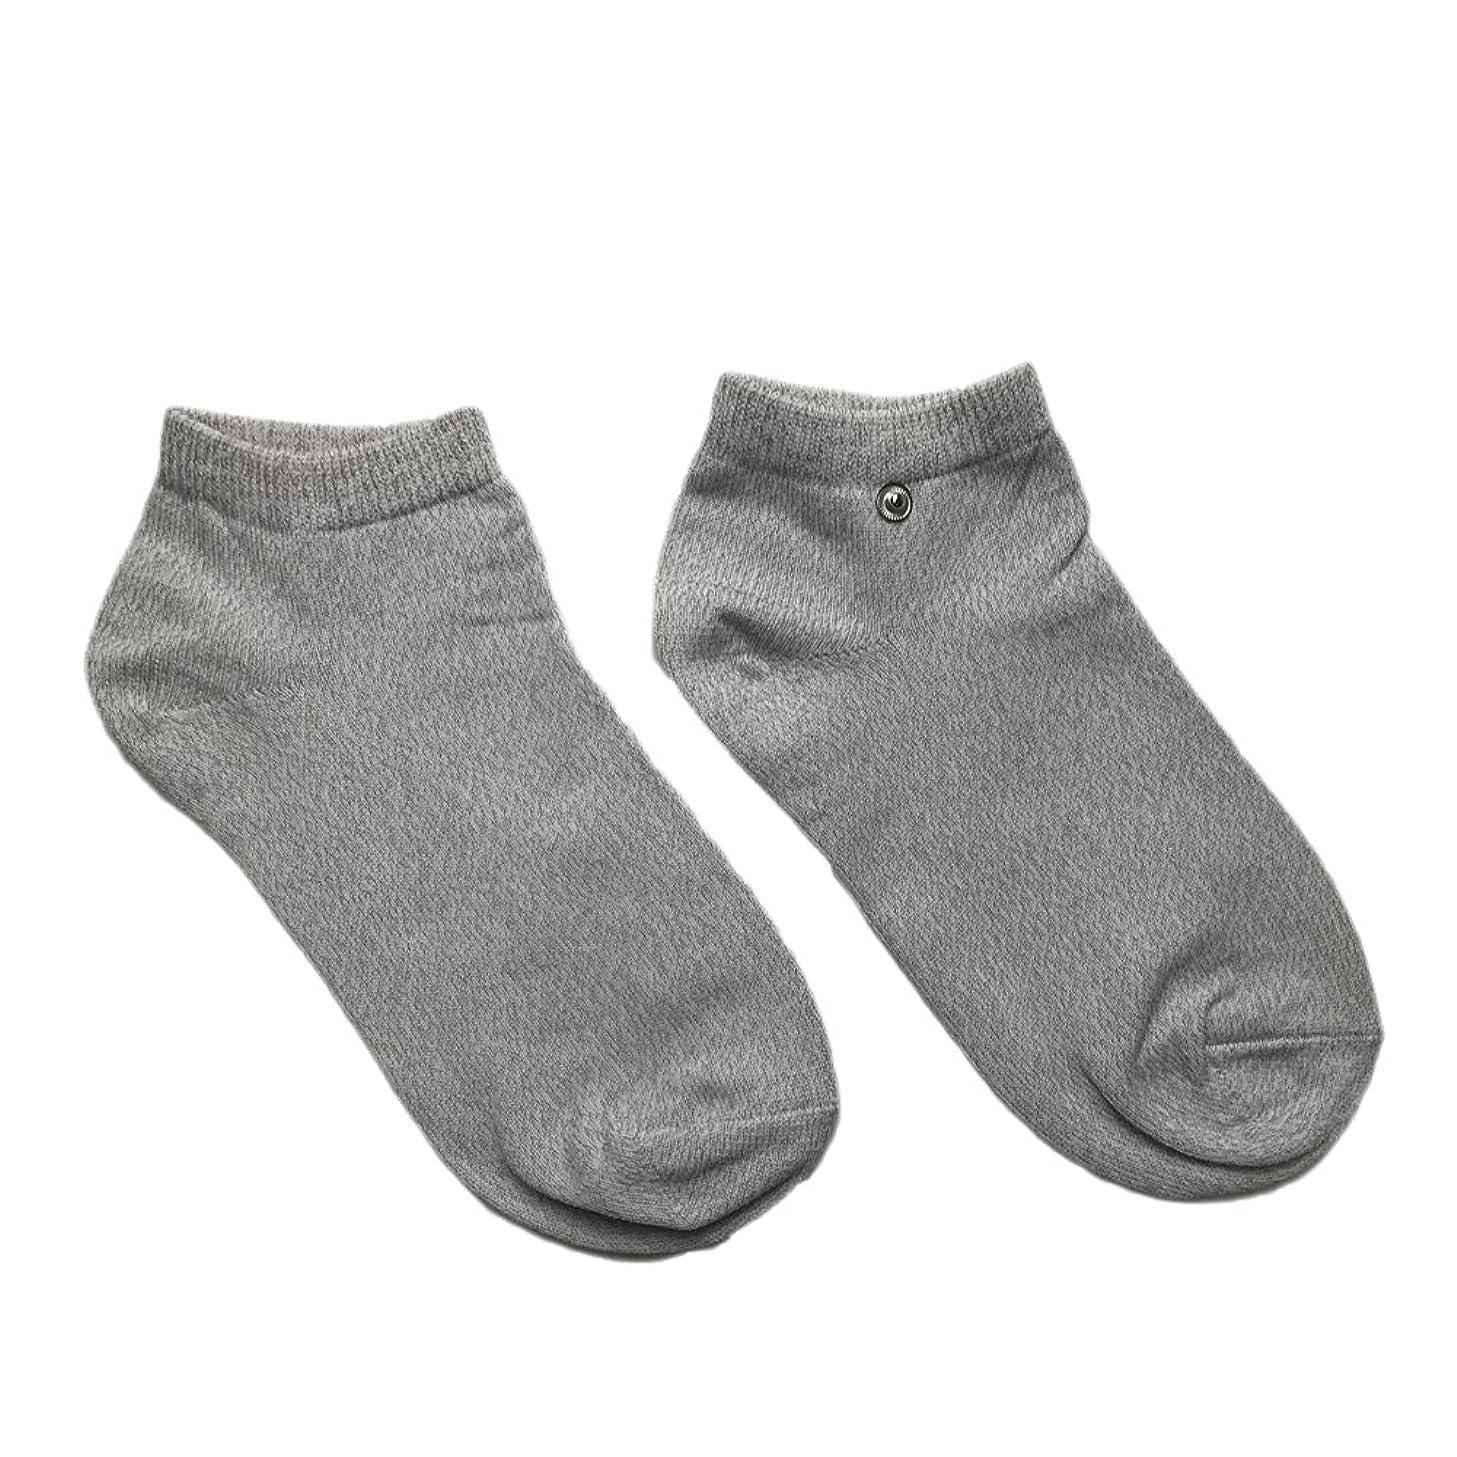 伴うバドミントンレザーriraku-life(??????) 大地と繋がるアーシング健康法用 アーシングソックス(low) 導電性靴下 (L)